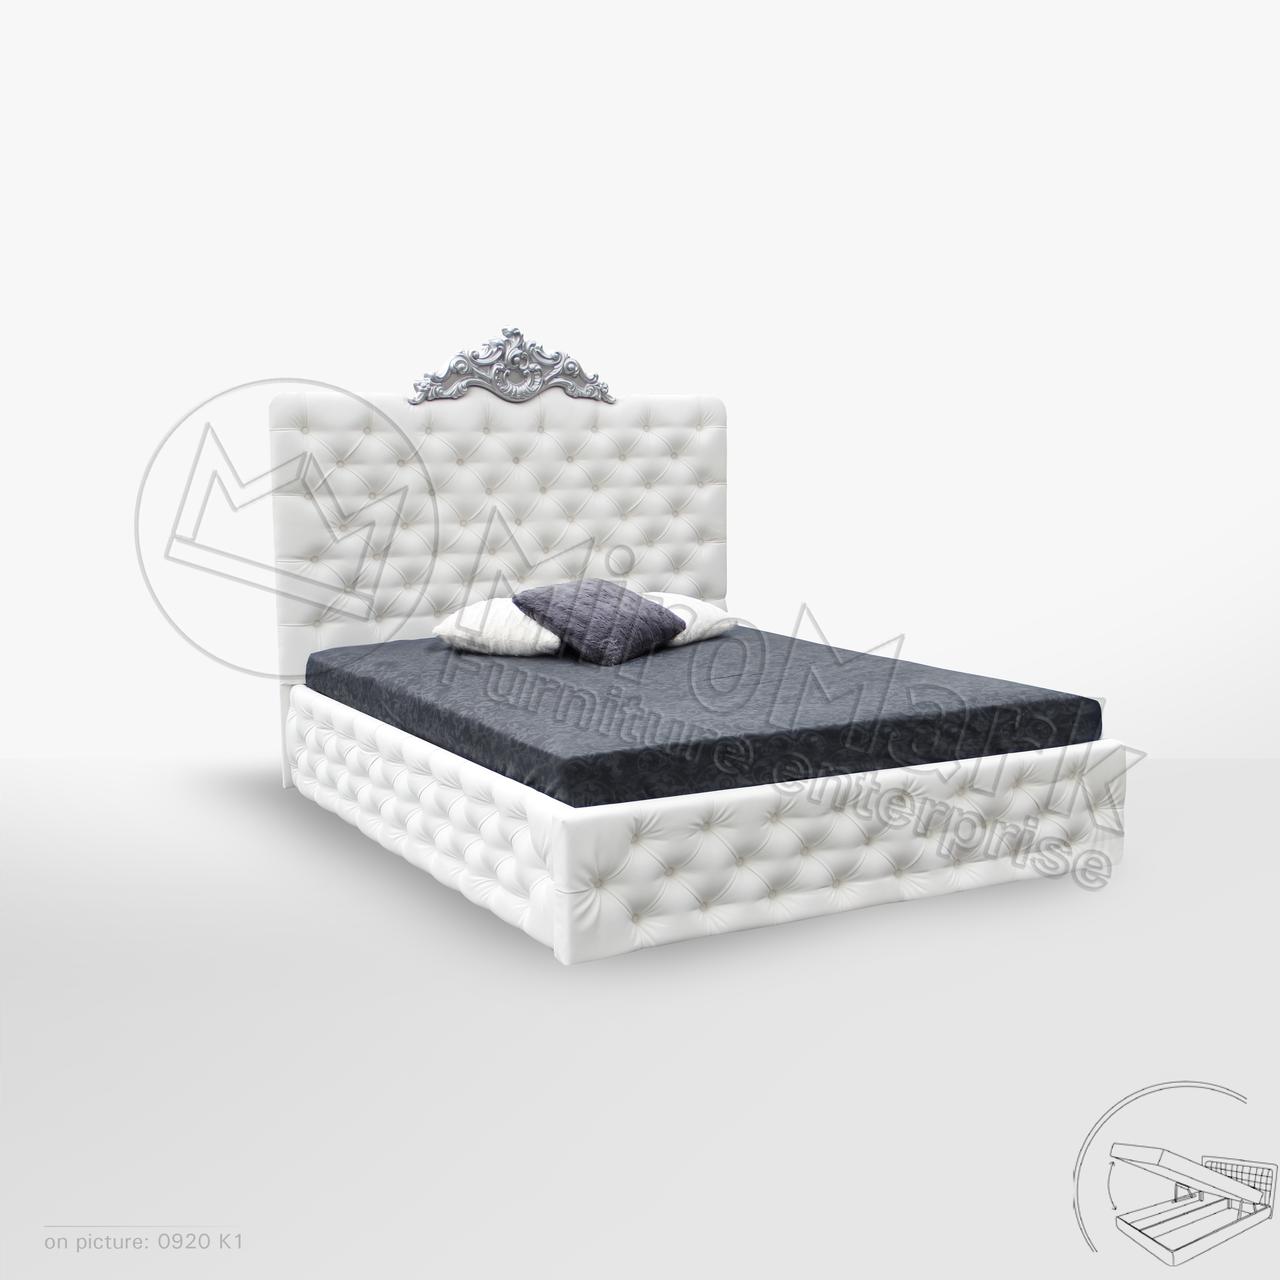 Кровать Дианора 1,80 м. с подъемным механизмом (ассортимент цветов)